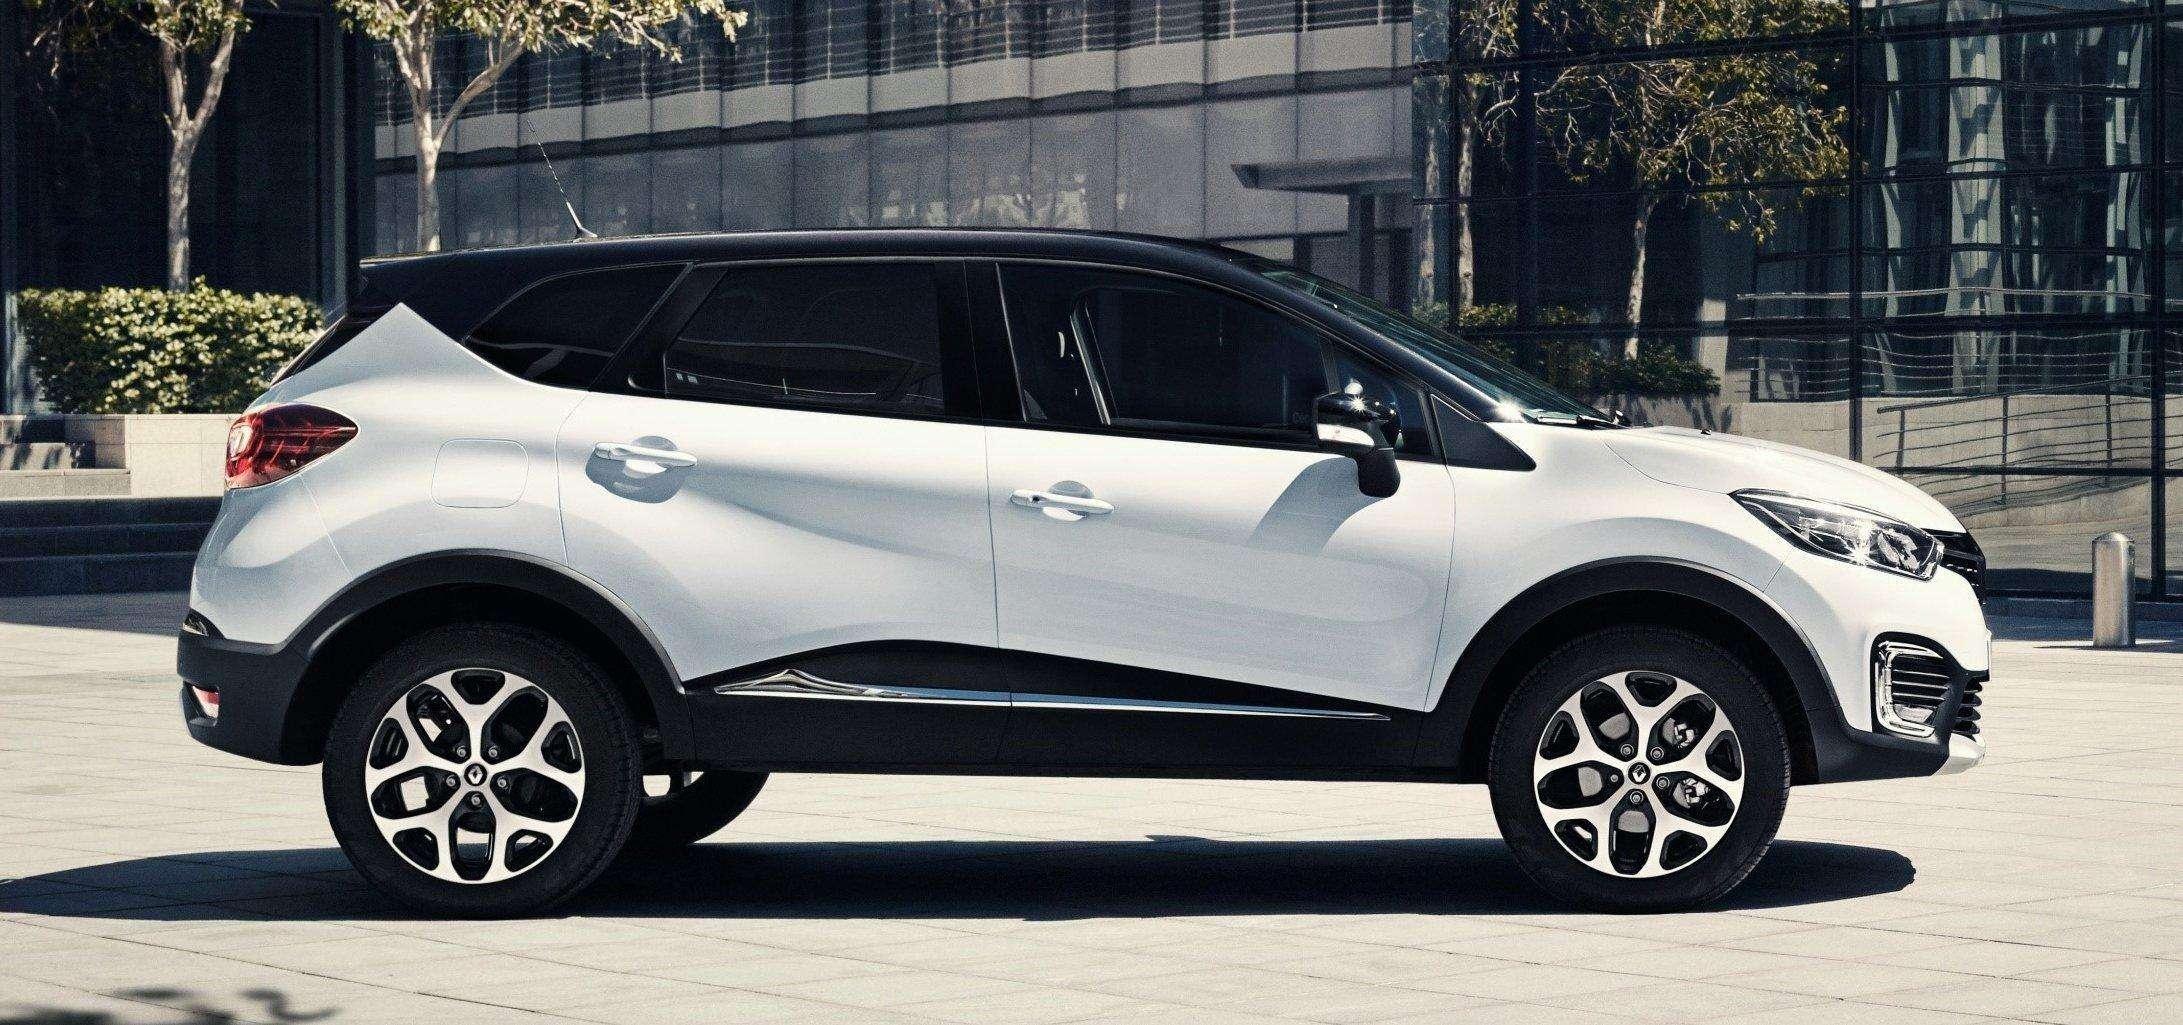 Renault_76579_global_en